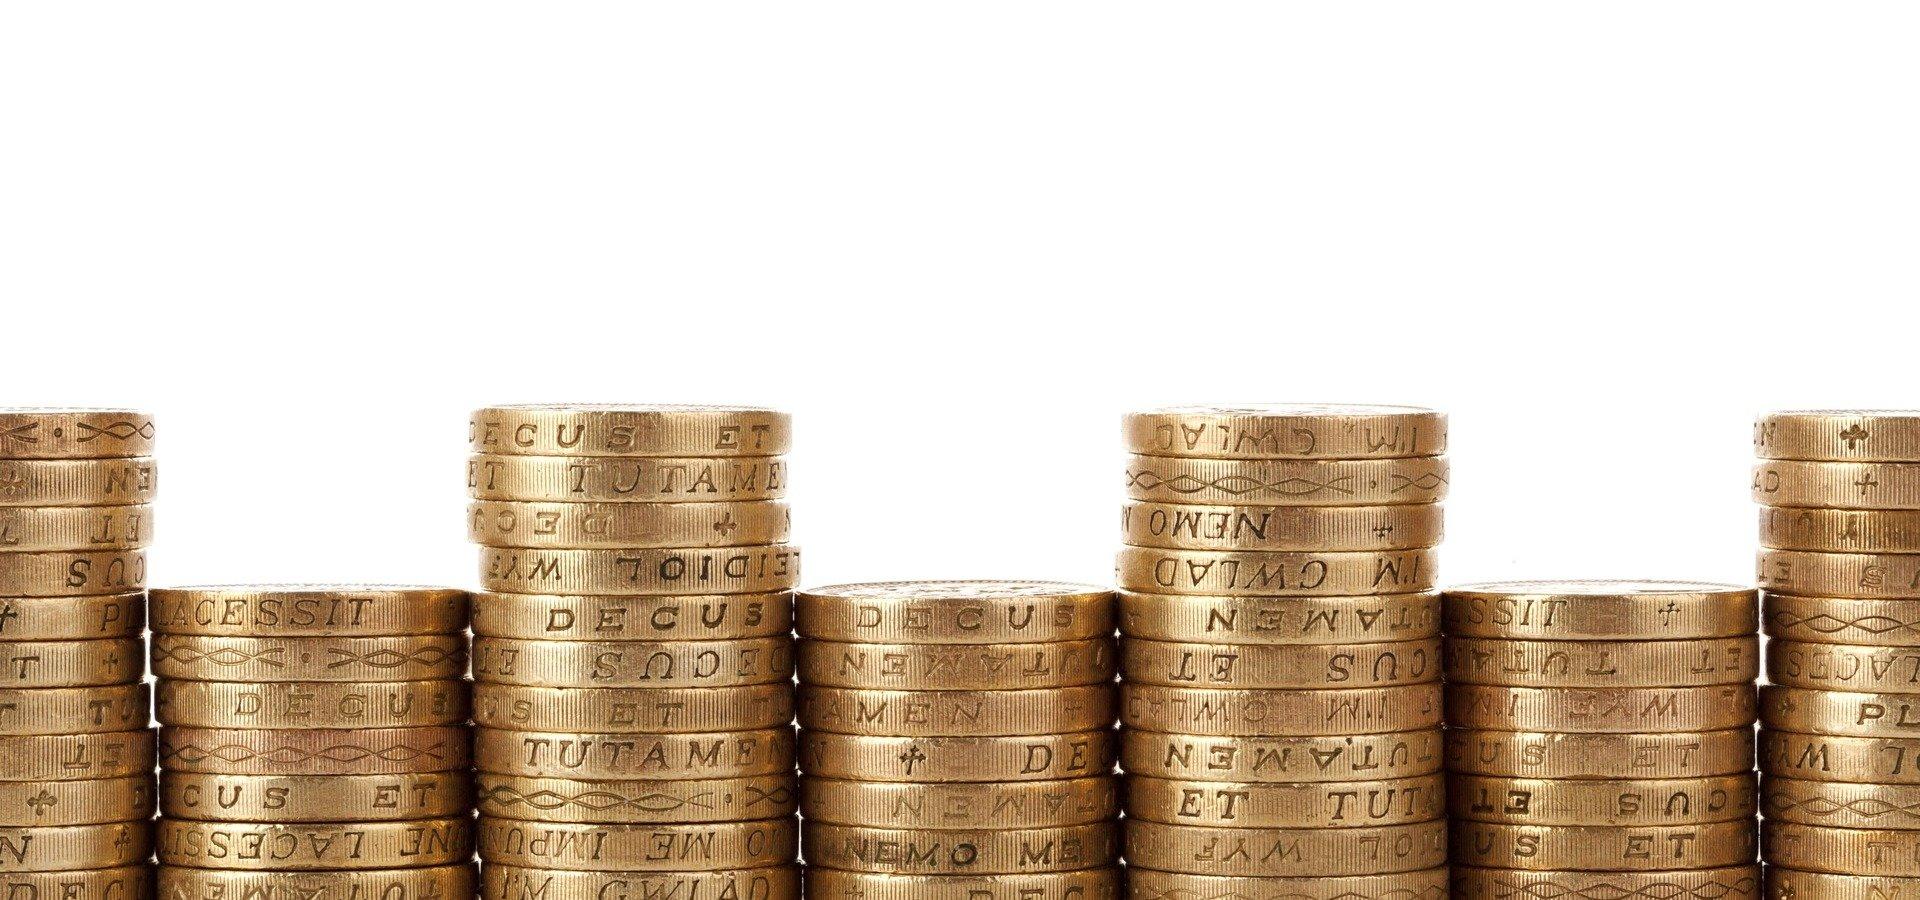 Pfizer ma zapłacić karę o zawrotnej wysokości -  84,2 mln funtów!